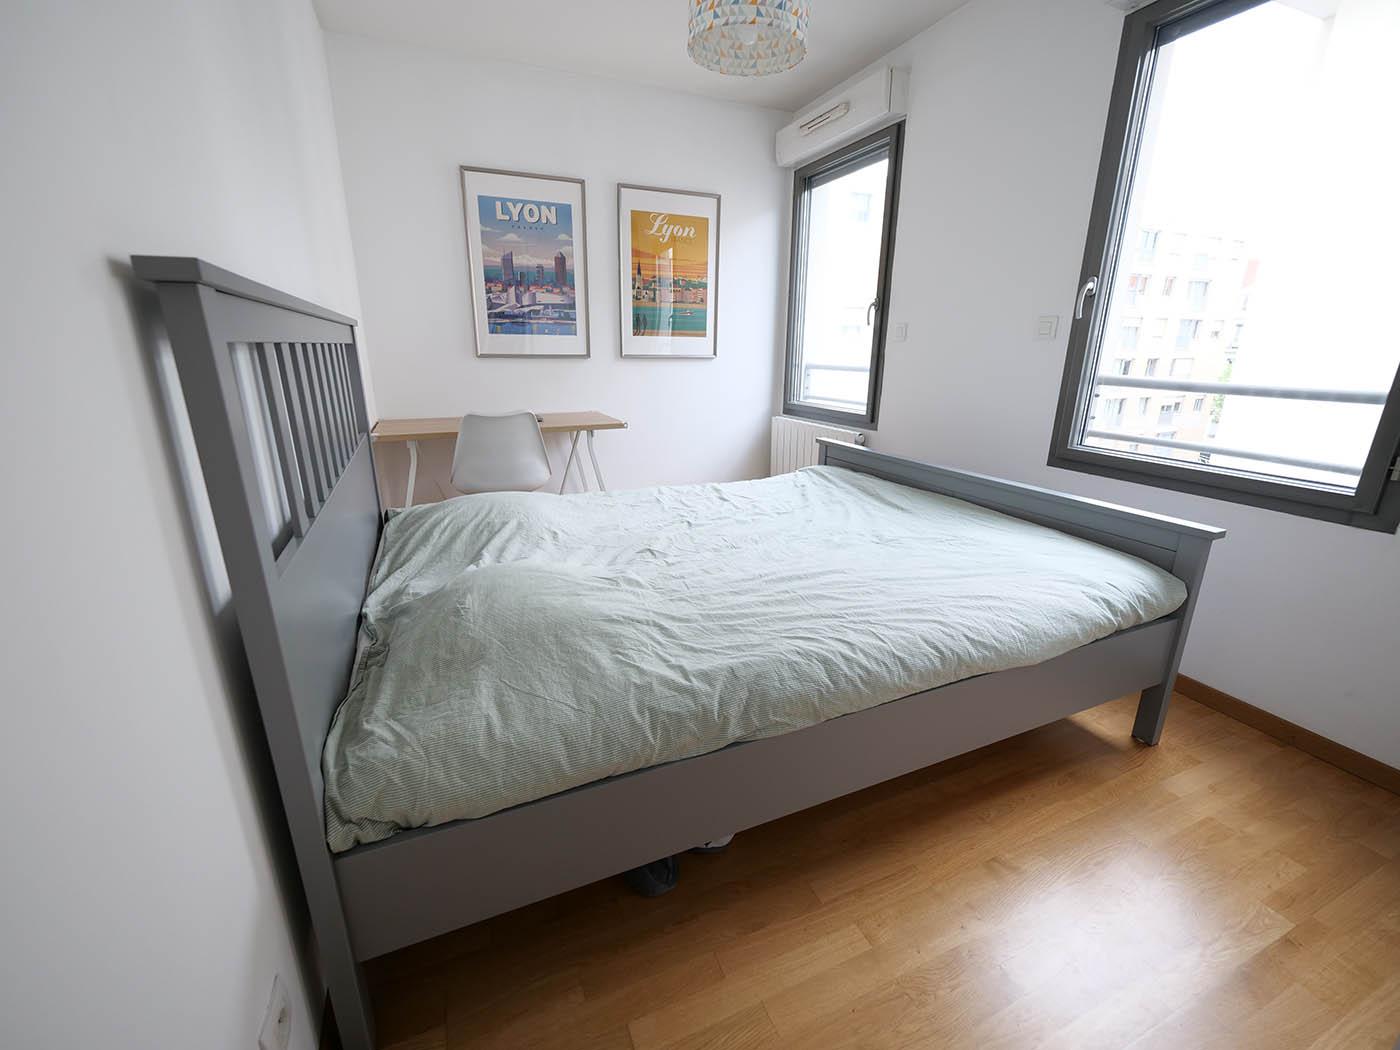 comment réussir ses photos immobilières d'une petite chambre pour vendre un logement